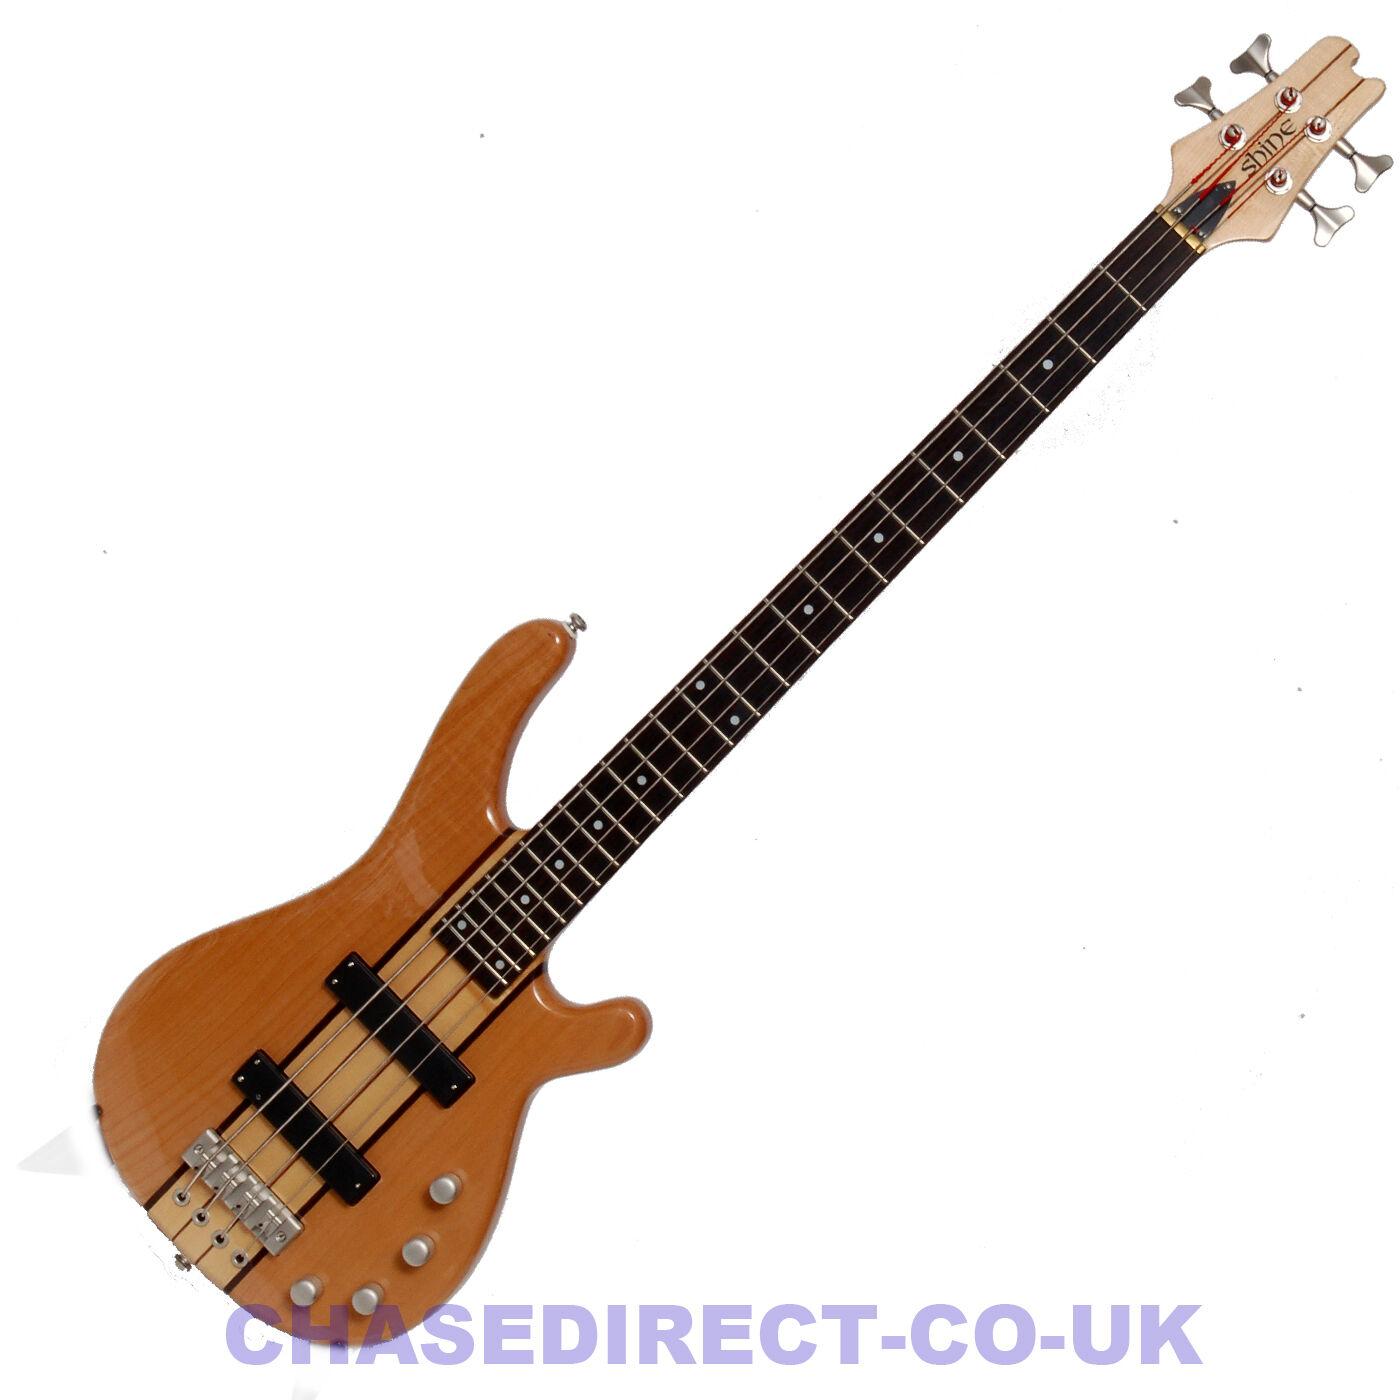 Shine Bajo Eléctrico Eléctrico Eléctrico Guitarra SBT-704 Activo Pastillas a través de cuello cuerpo de arce 4 Cuerdas e4ffa5